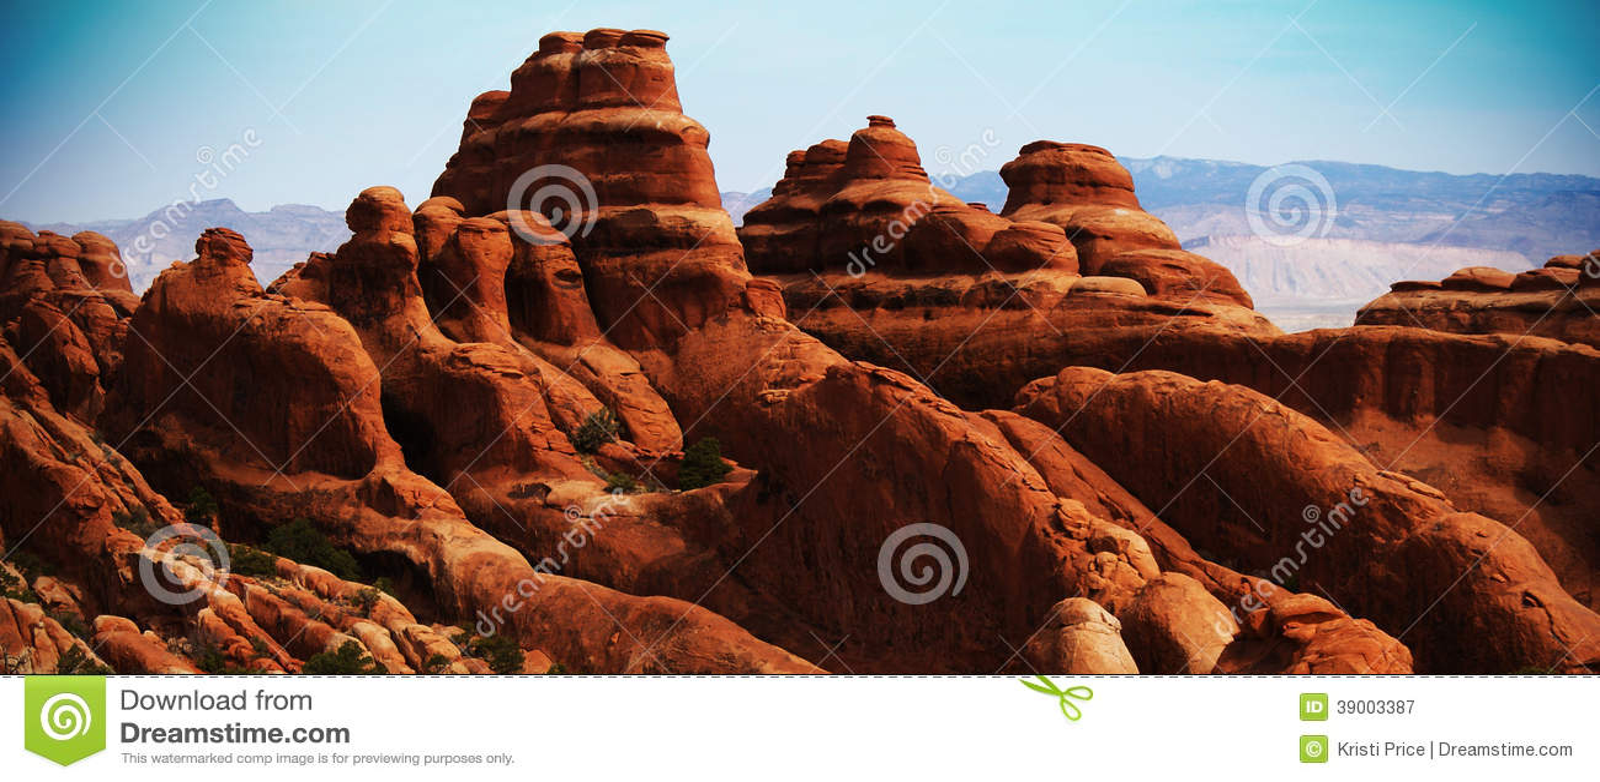 Πορτοκαλής βράχος, μπλε ουρανός